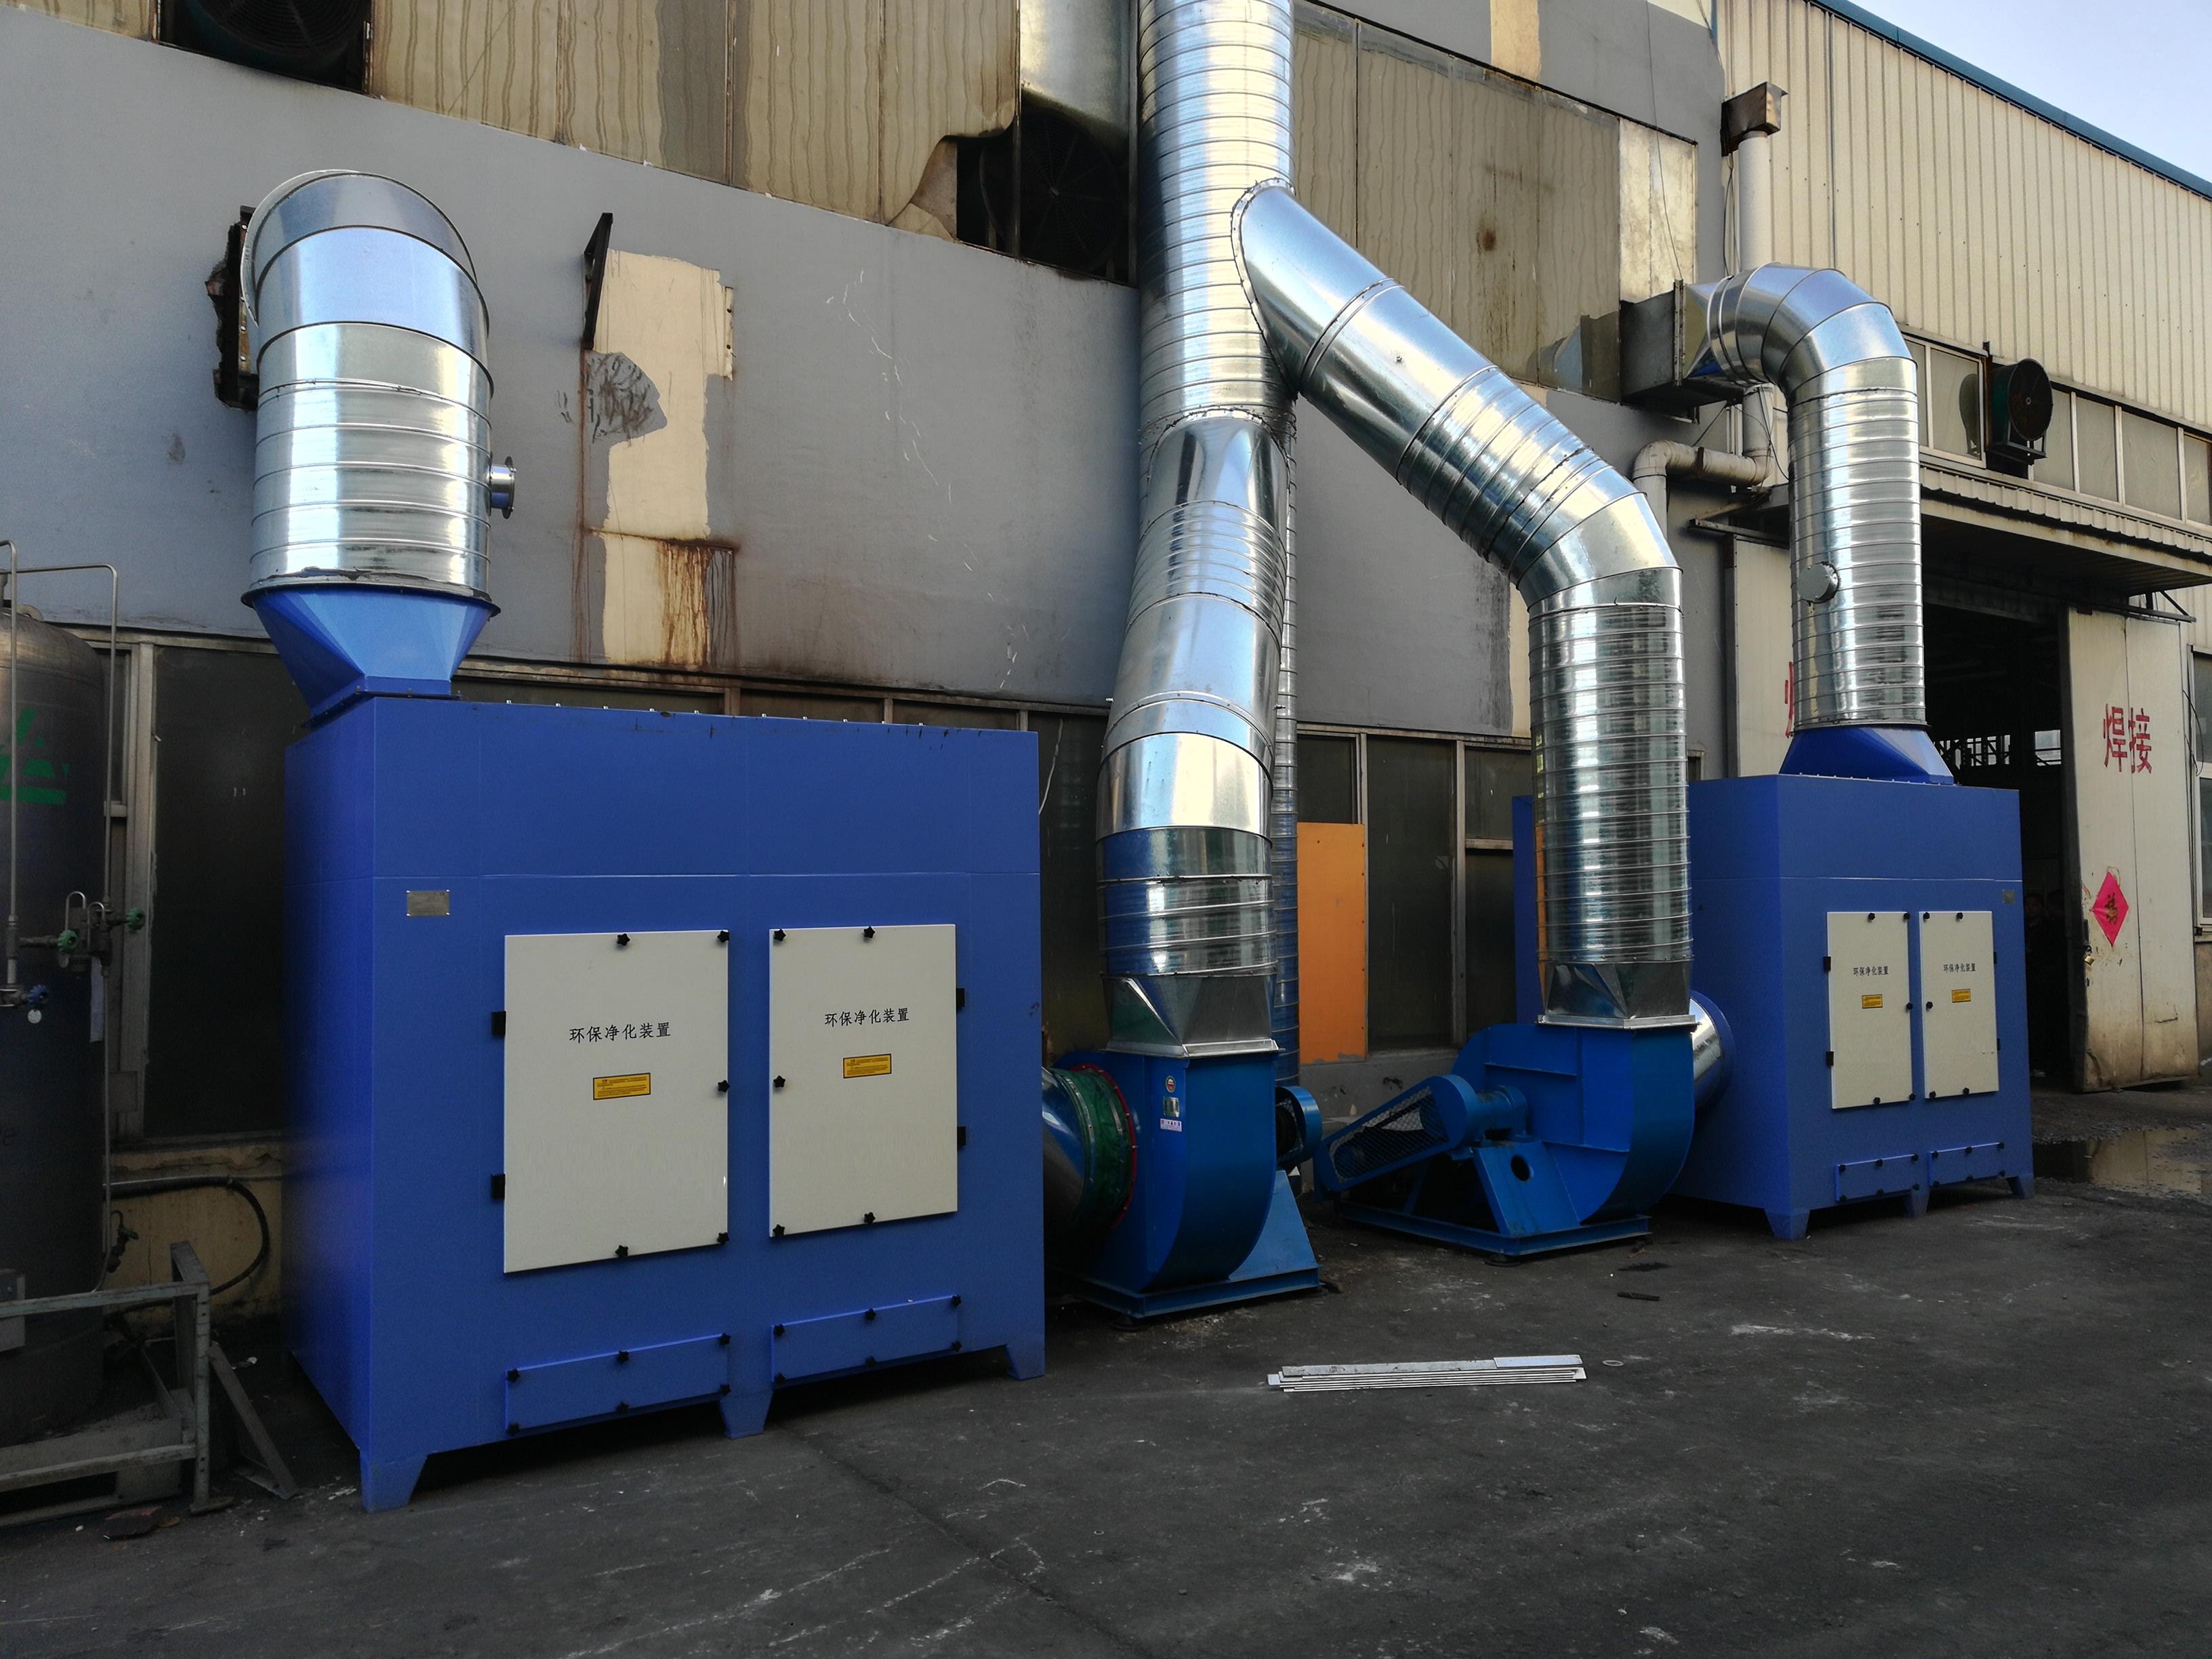 青岛信希塑胶—焊接烟尘治理项目